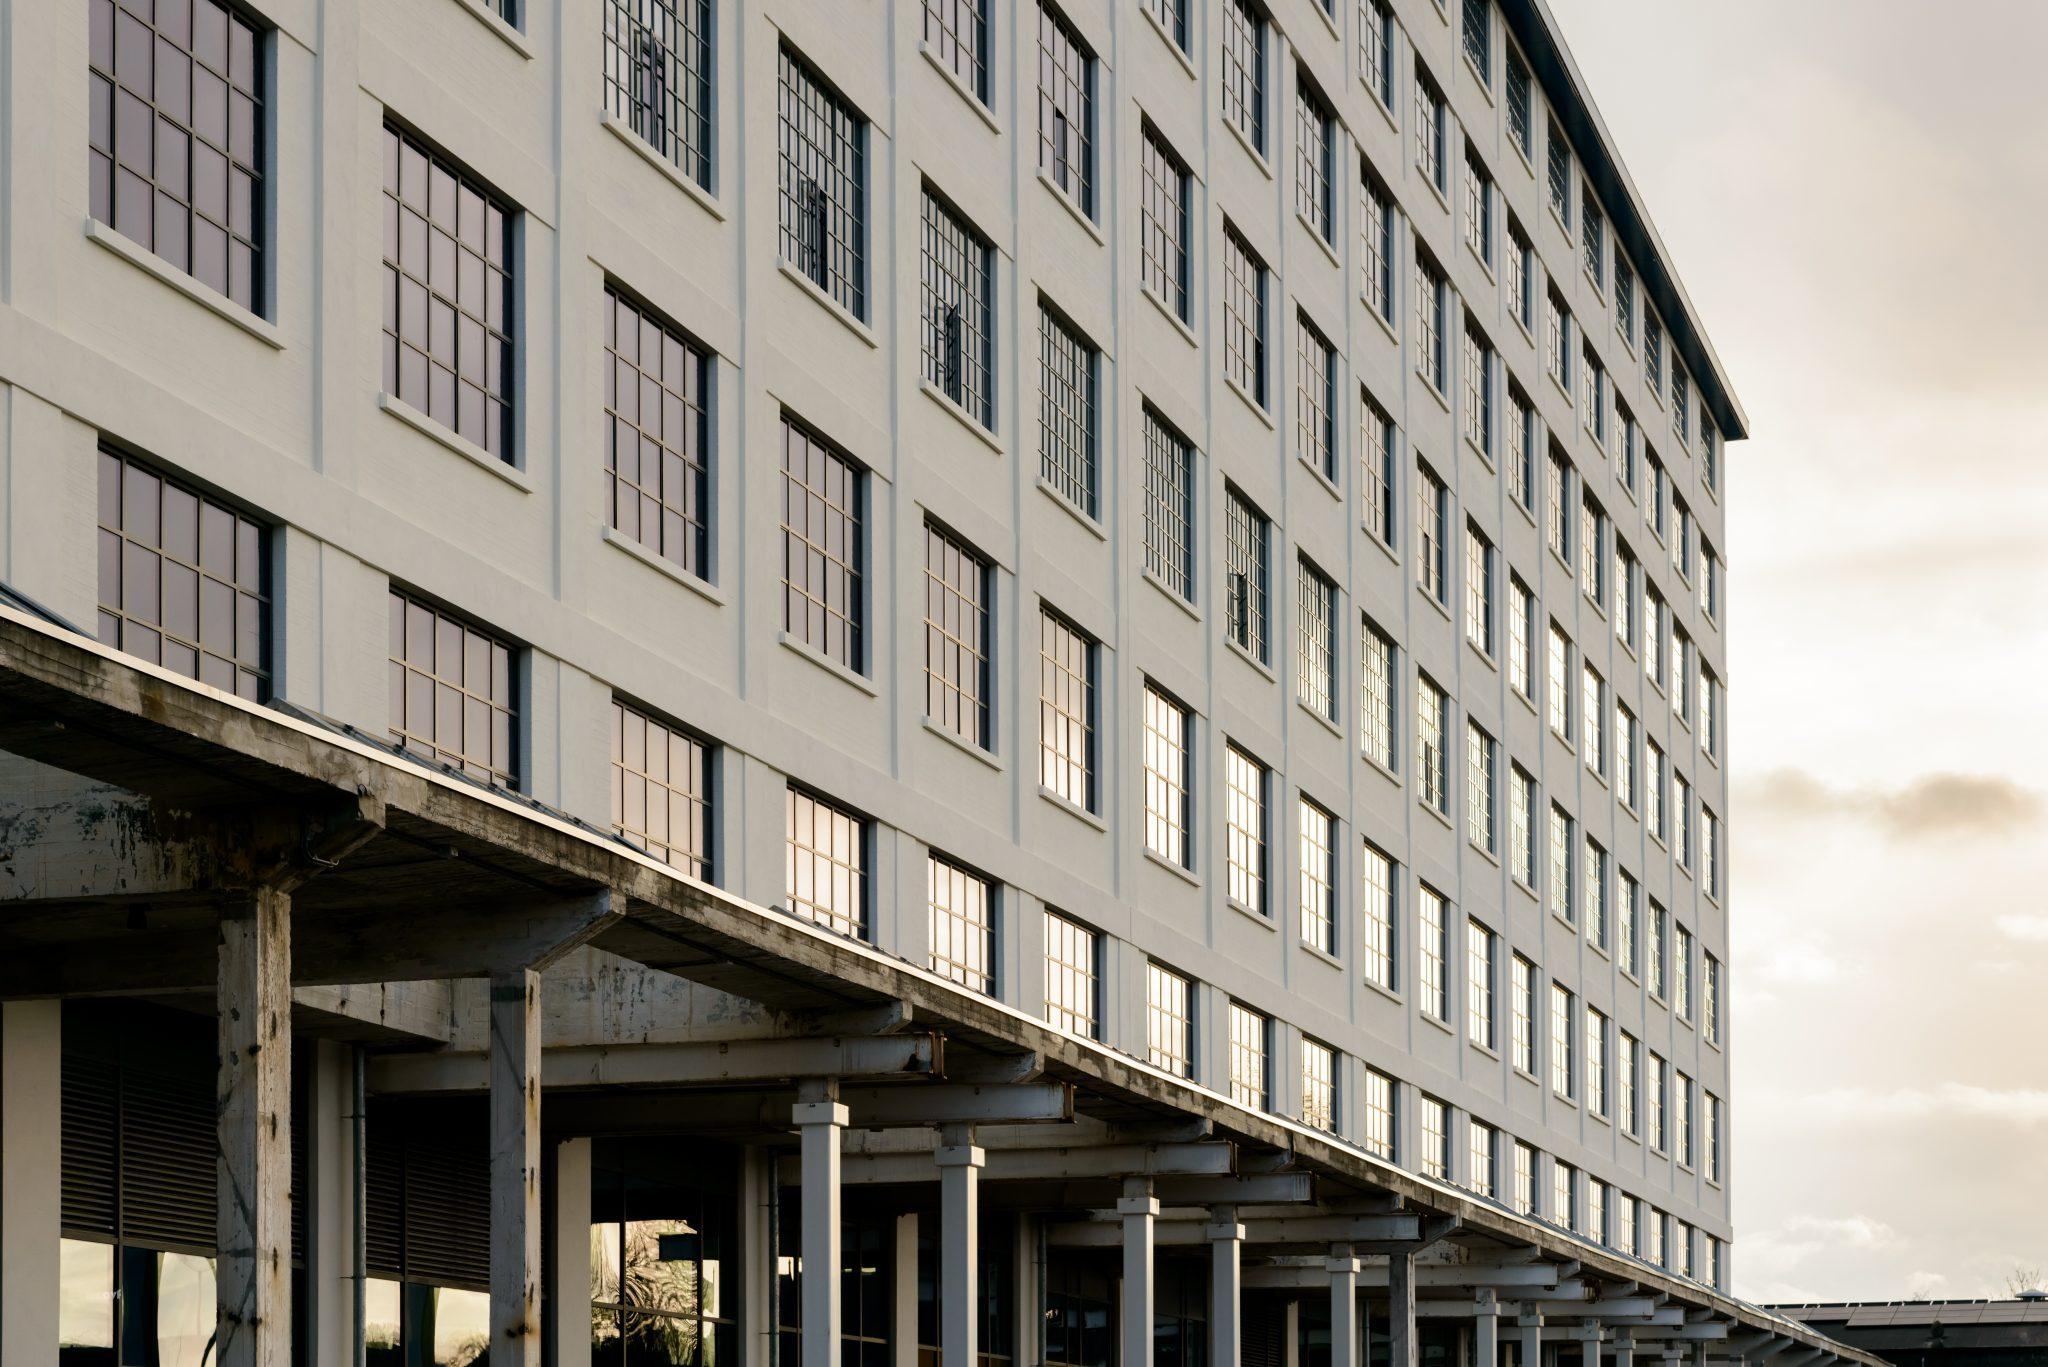 the student hotel, maastricht, brandoverslag, eiffelgebouw, gevel, buitengevelisolatie